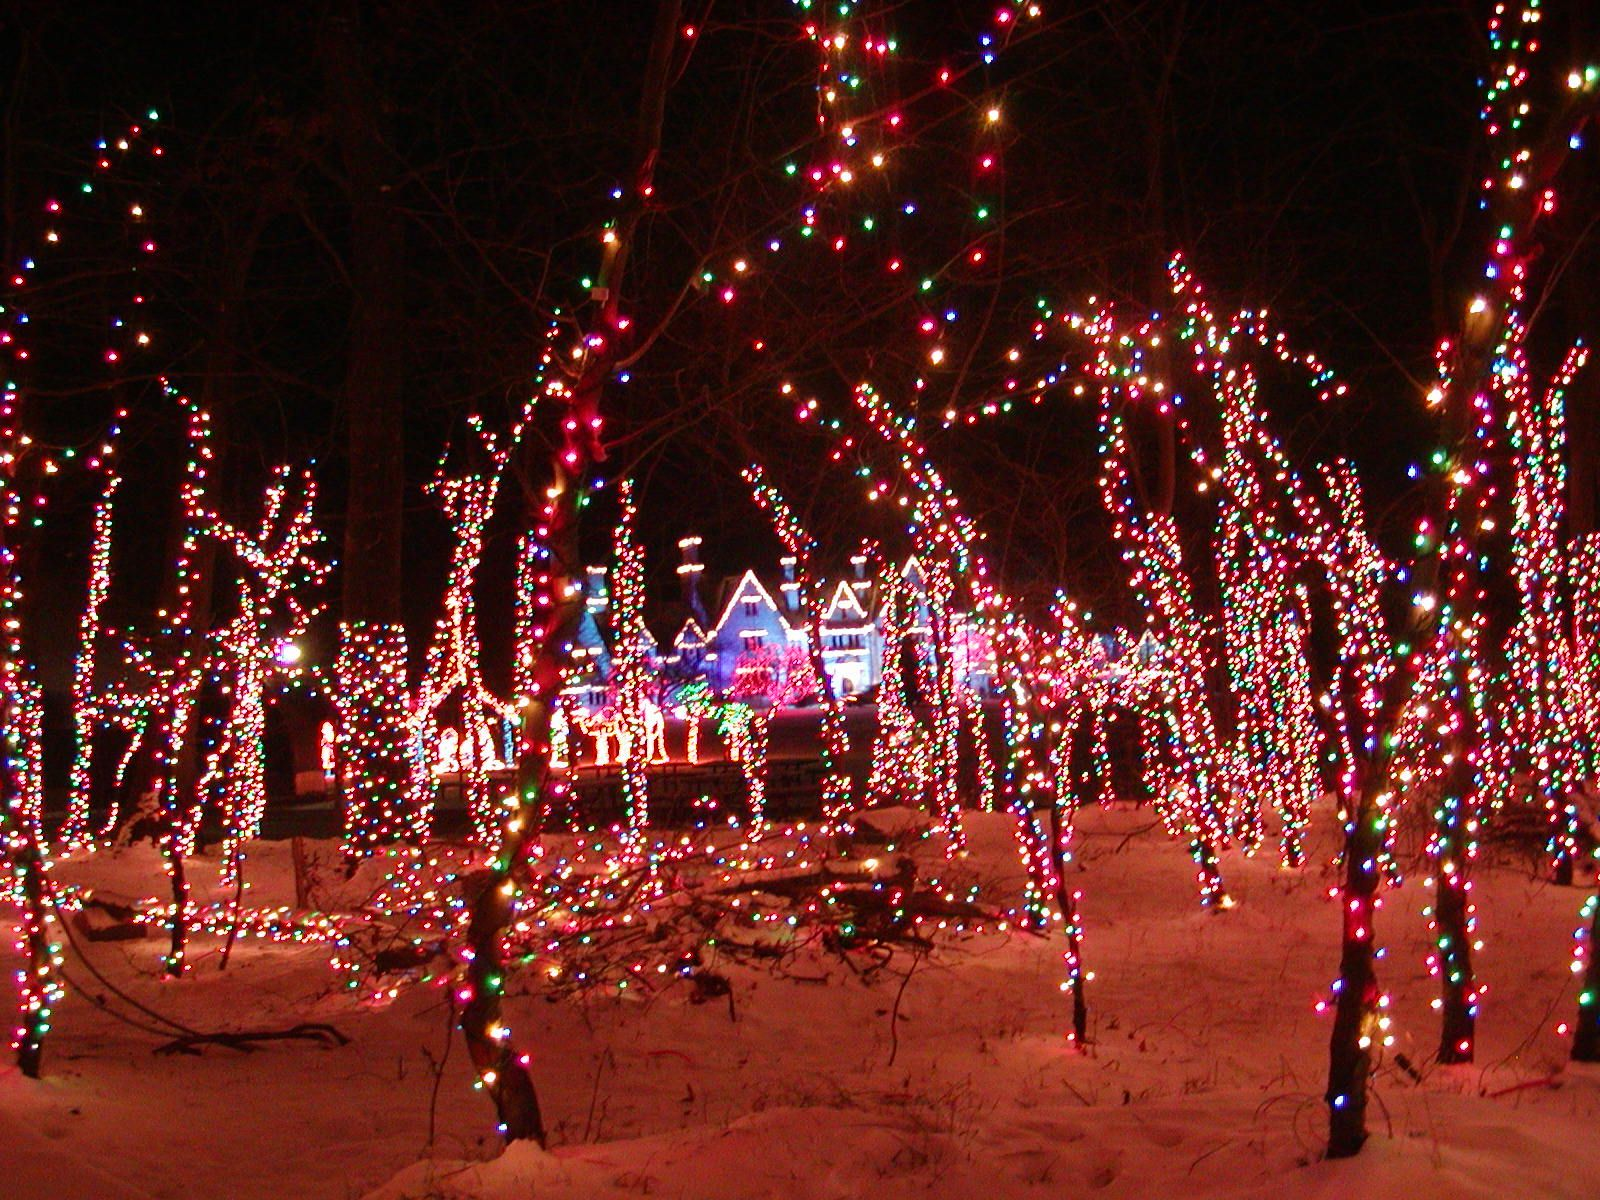 hartwood acres celebration of lights - Celebration Christmas Lights